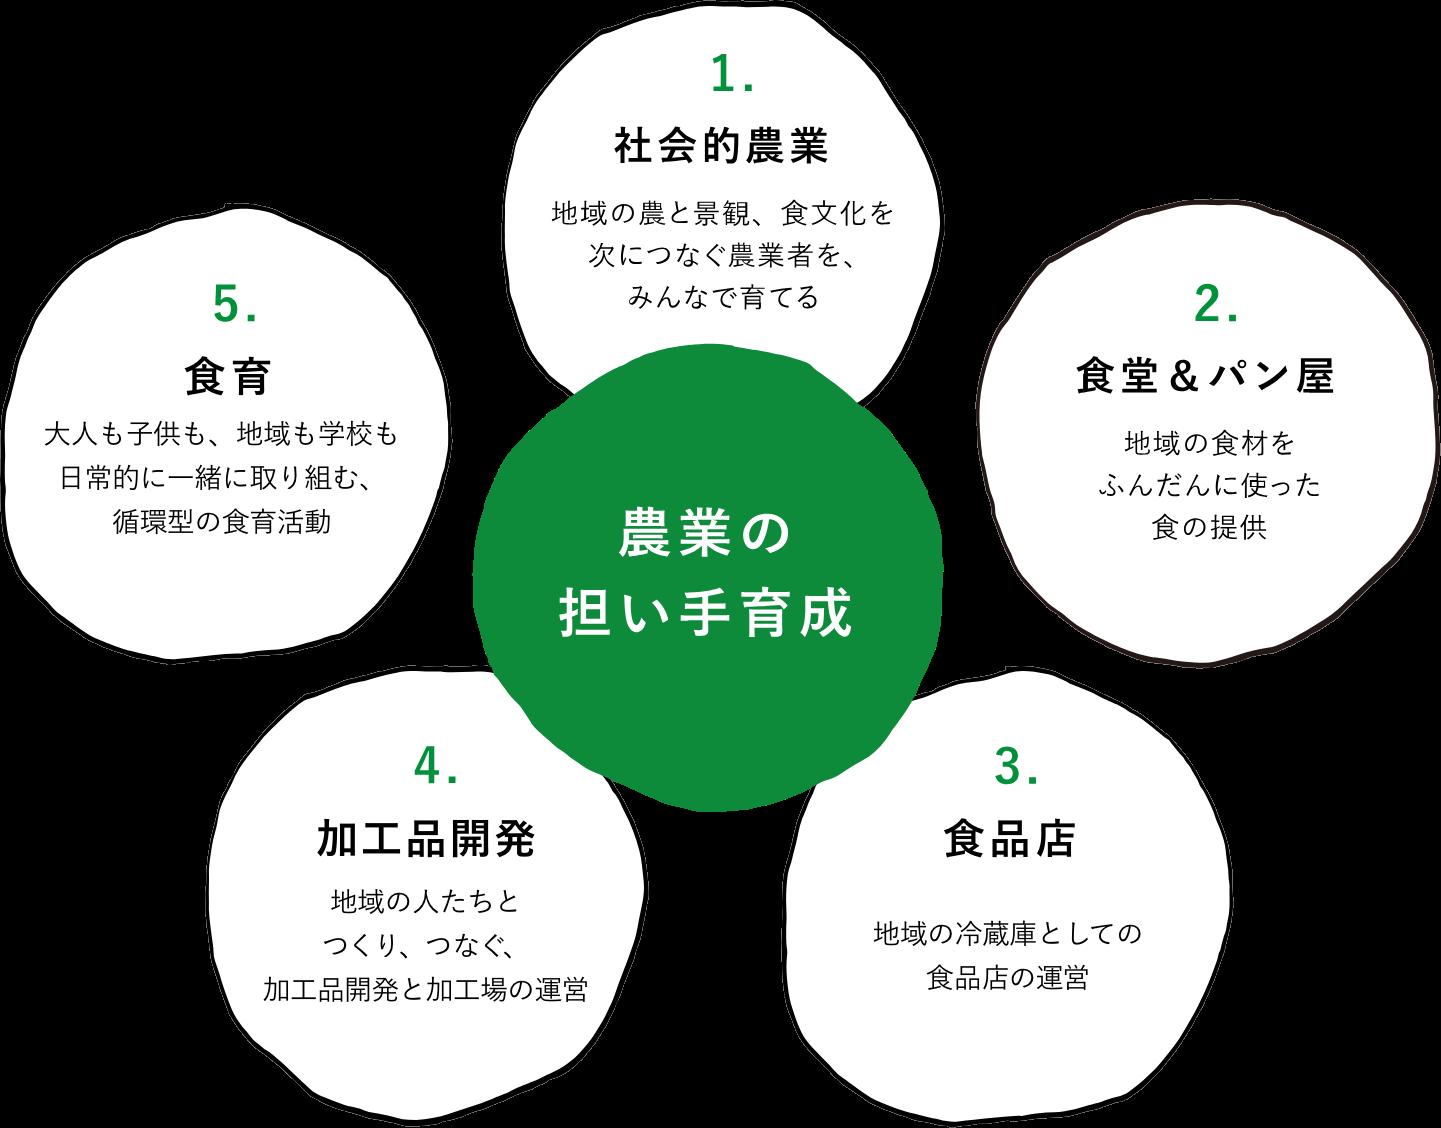 フードハブの5つの取り組み